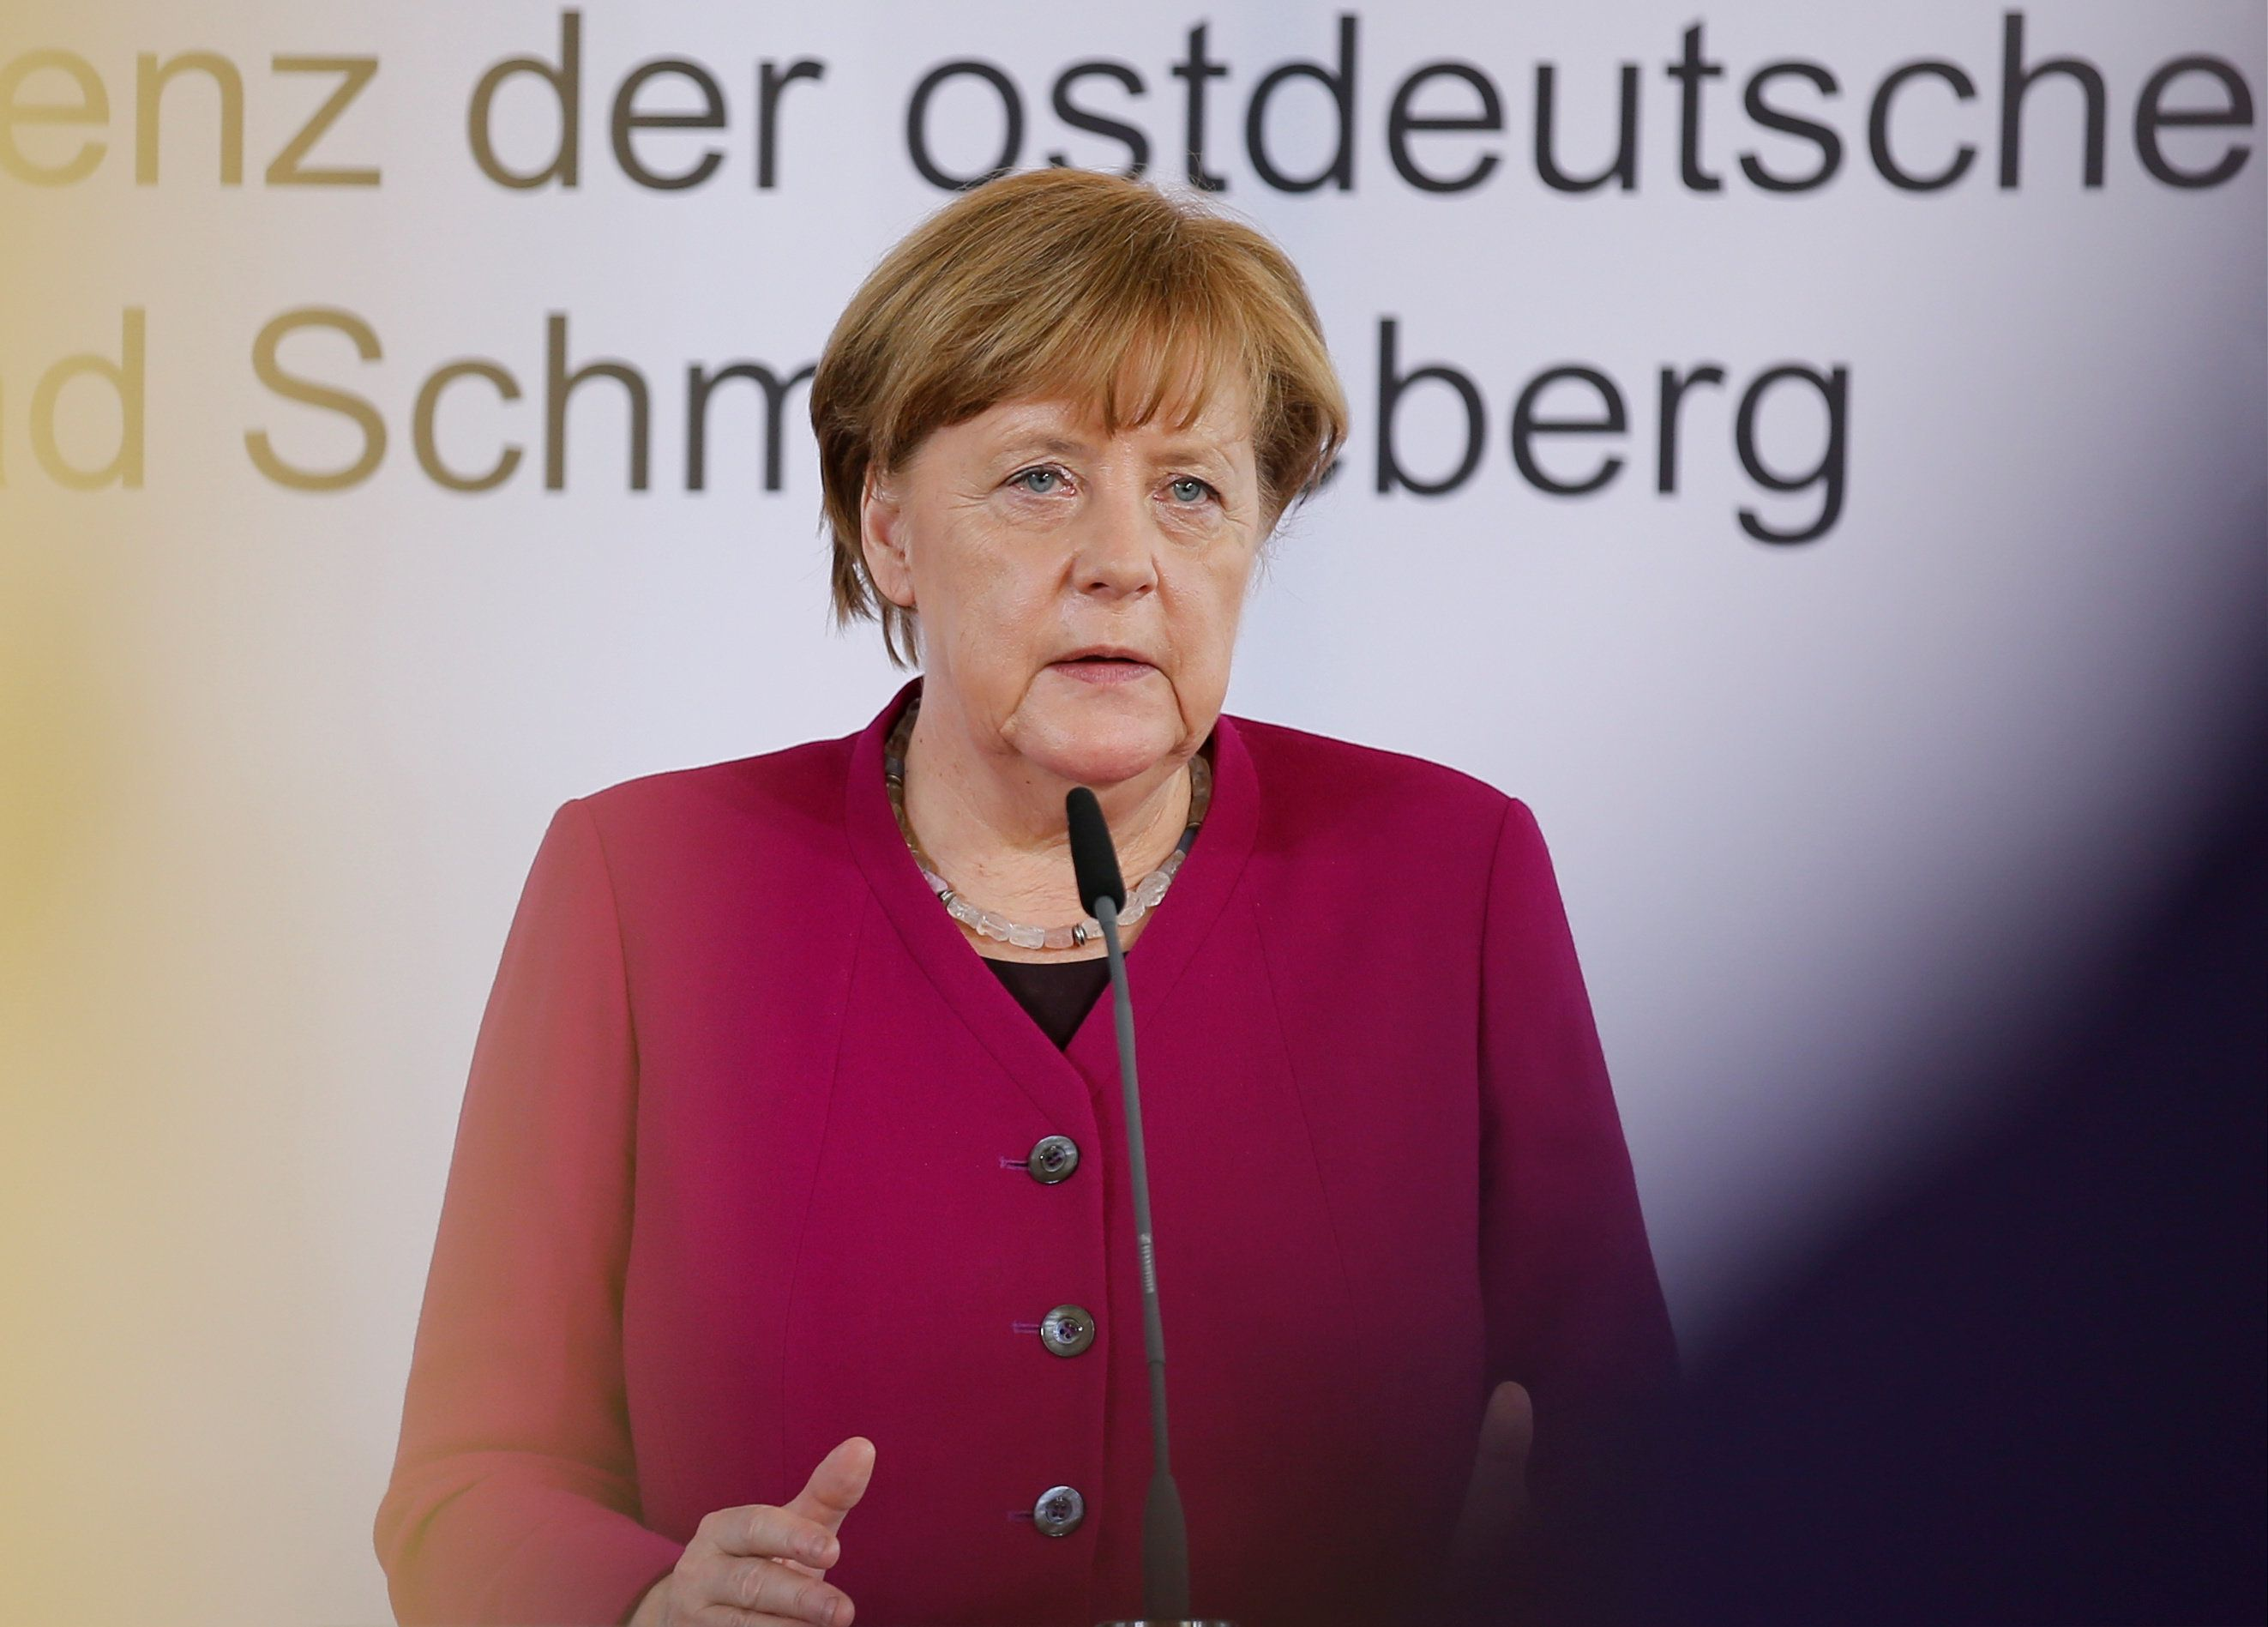 """Merkel beklagt """"neue Formen des Antisemitismus"""" durch Flüchtlinge"""